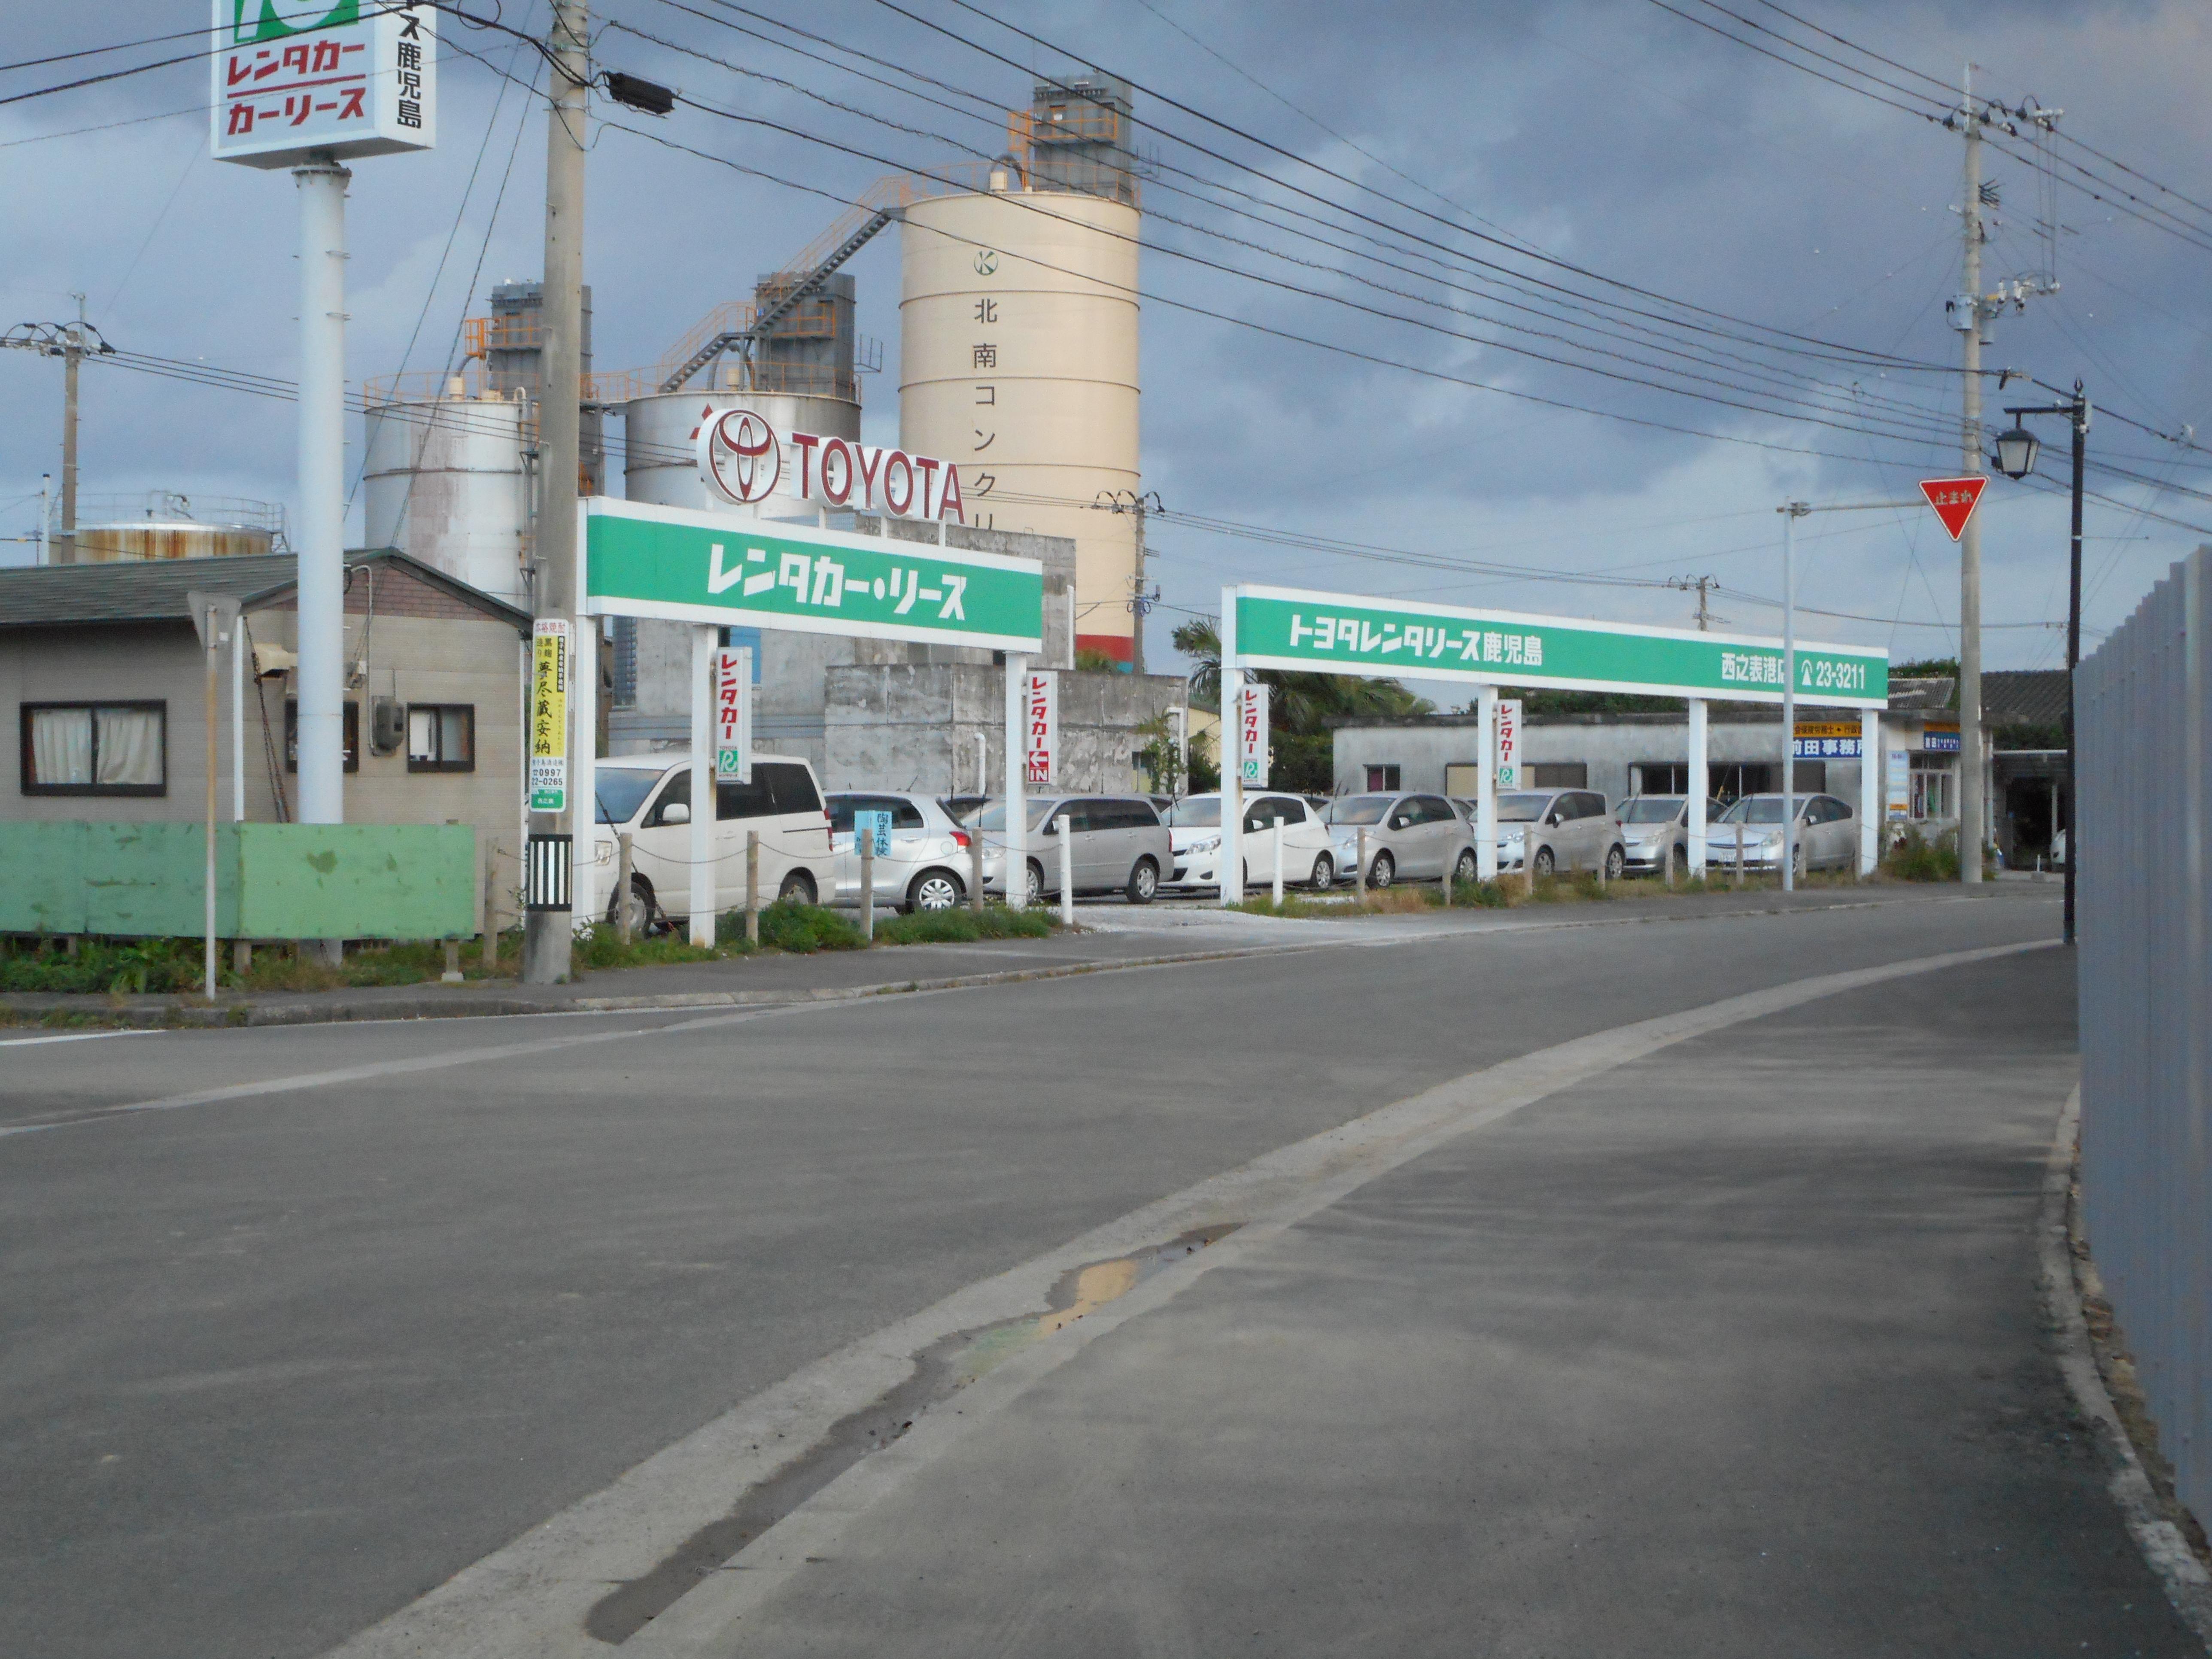 レンタ リース 山形 トヨタ